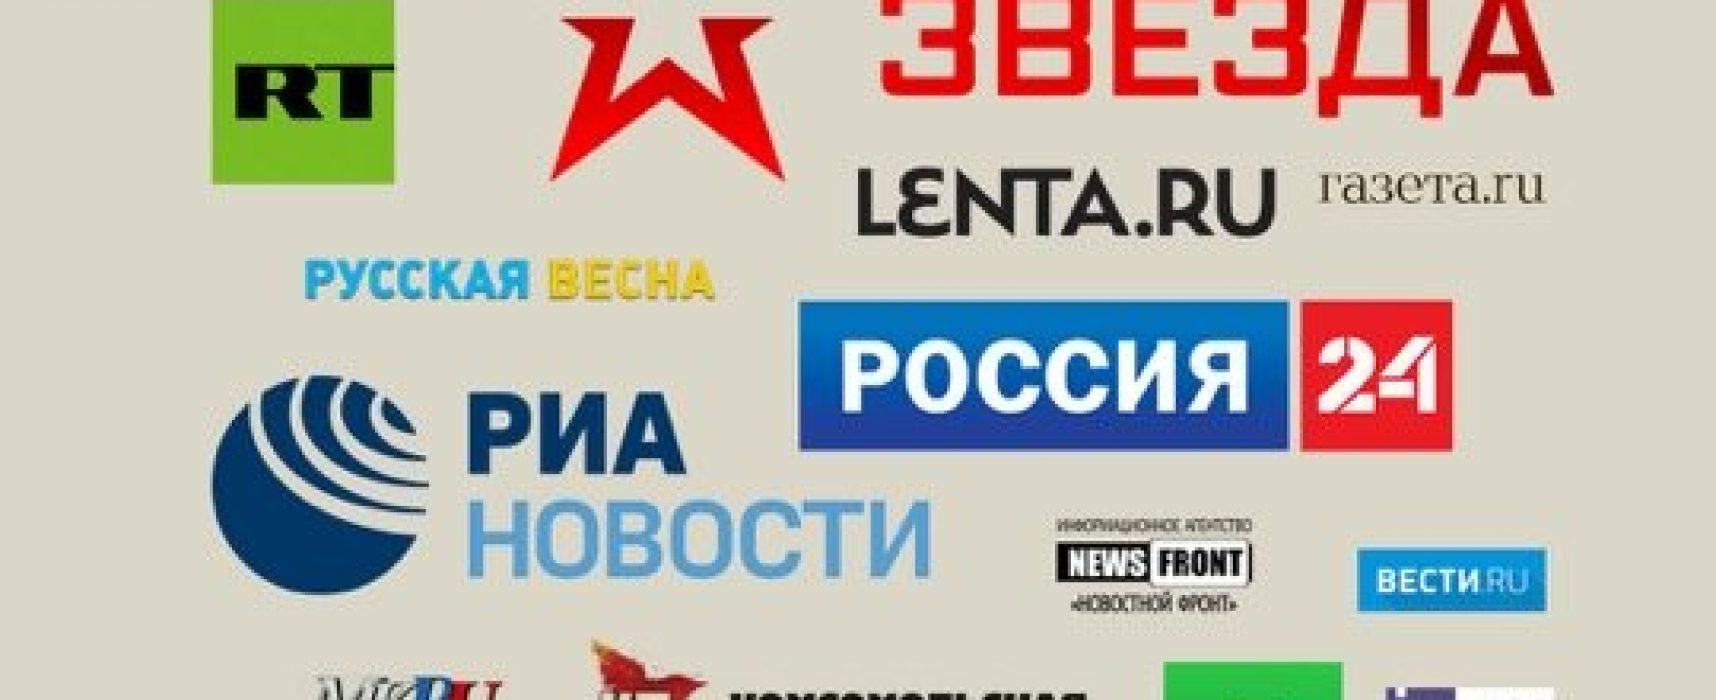 Шалена пропаганда: ТОП-10 найбезглуздіших фейків телеканалу «Звезда»